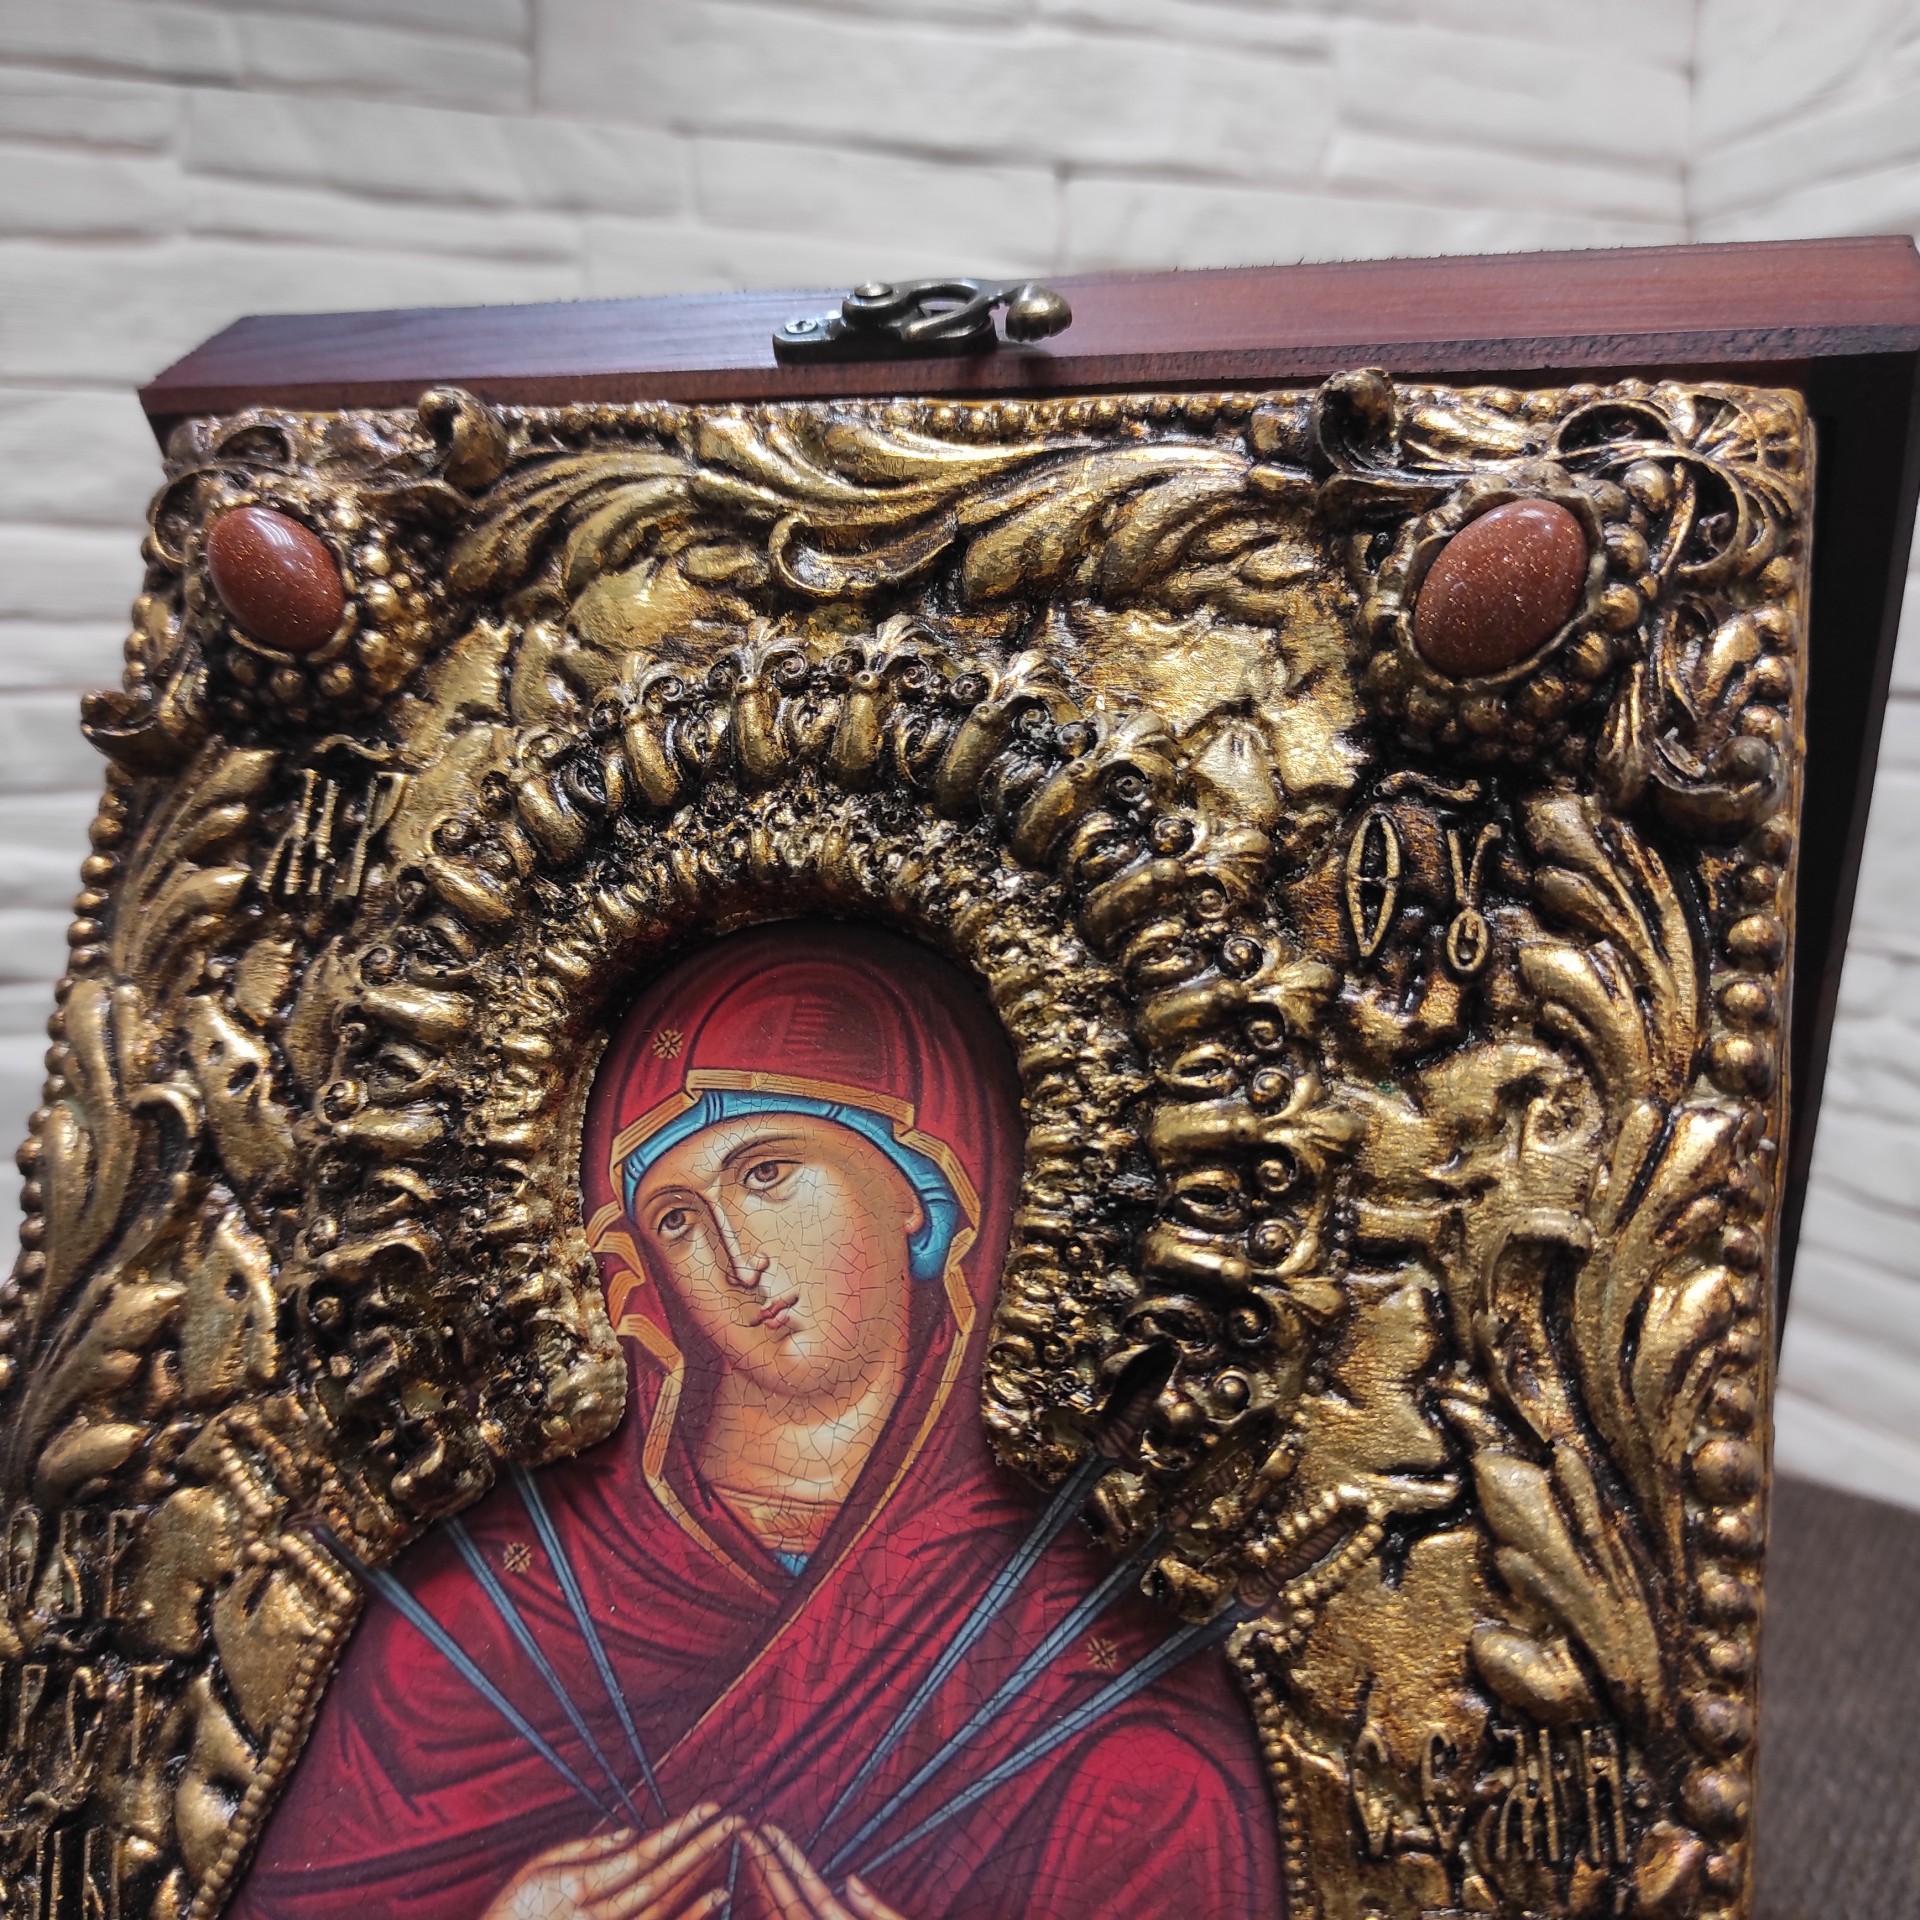 """Фото верхних камней иконы Пресвятой Богородицы """"Семистрельная"""" с красными камнями"""